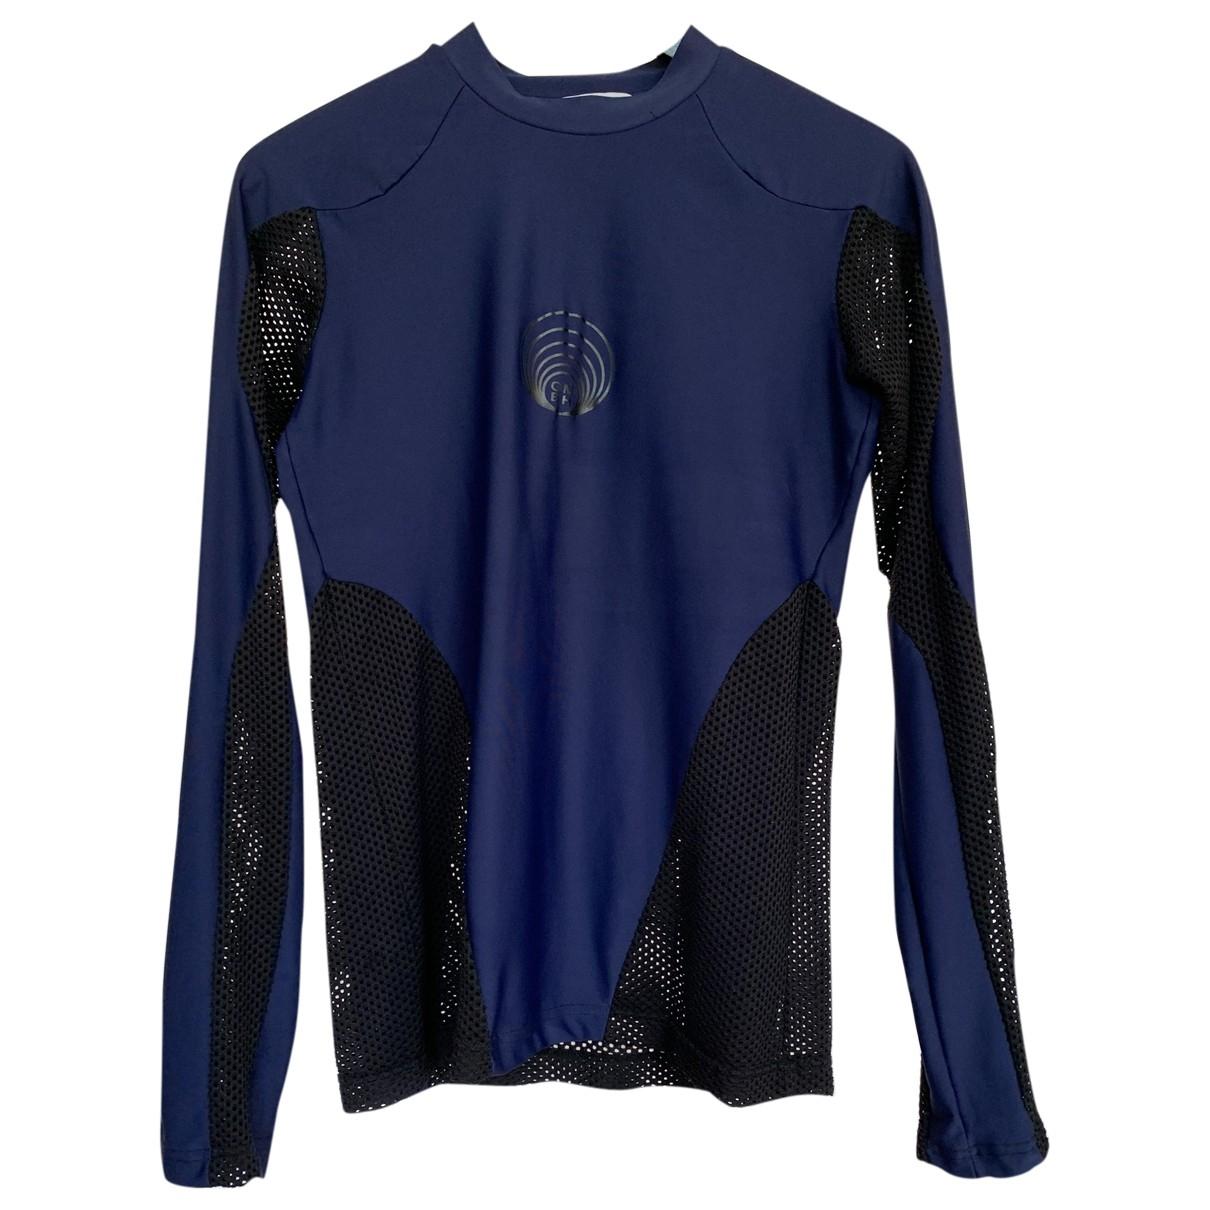 Gmbh \N T-Shirts in  Blau Synthetik